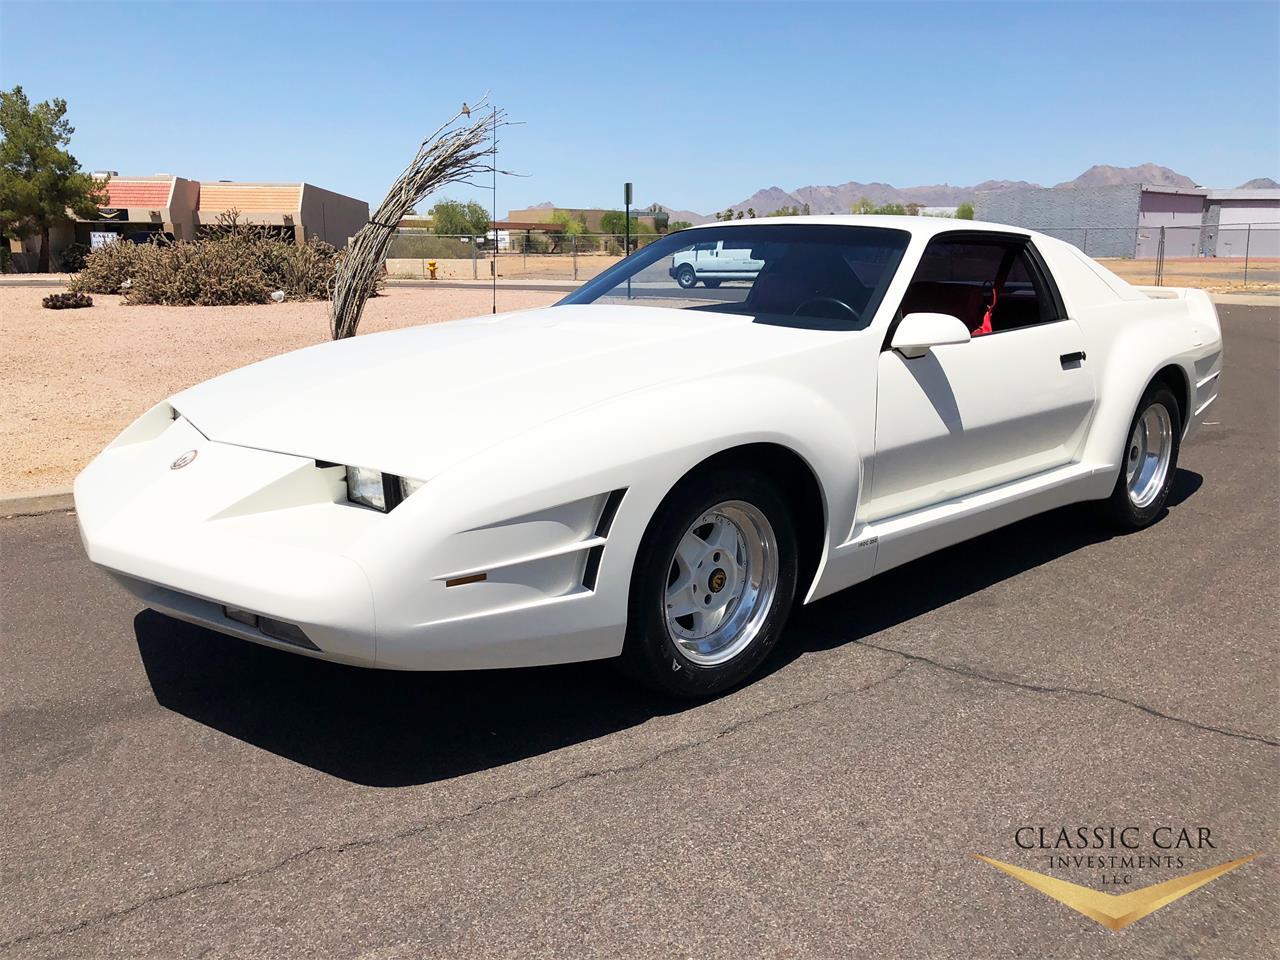 For Sale: 1990 Chevrolet Camaro IROC-Z in Scottsdale, Arizona